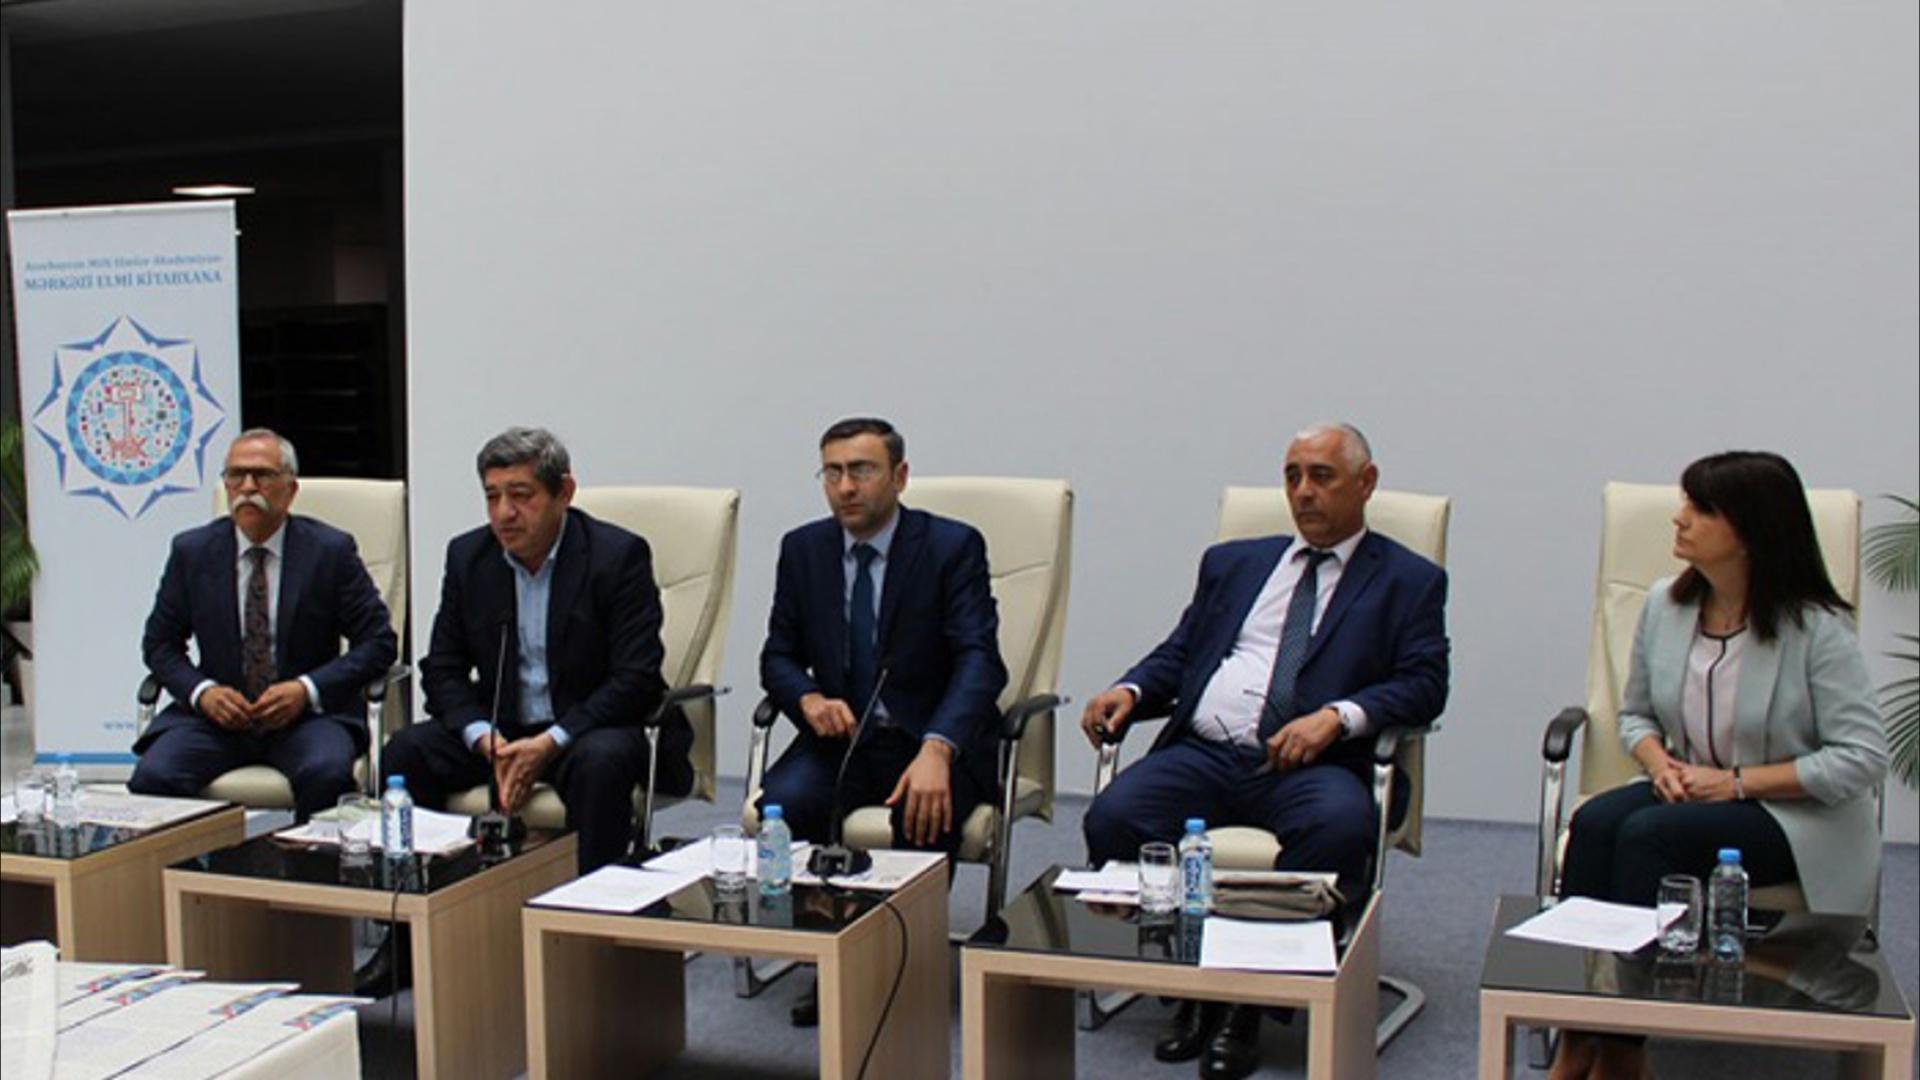 Əməkdar elm xadimi Mirəli Seyidovun 100 illik yubileyinə həsr olunan tədbir keçirilib